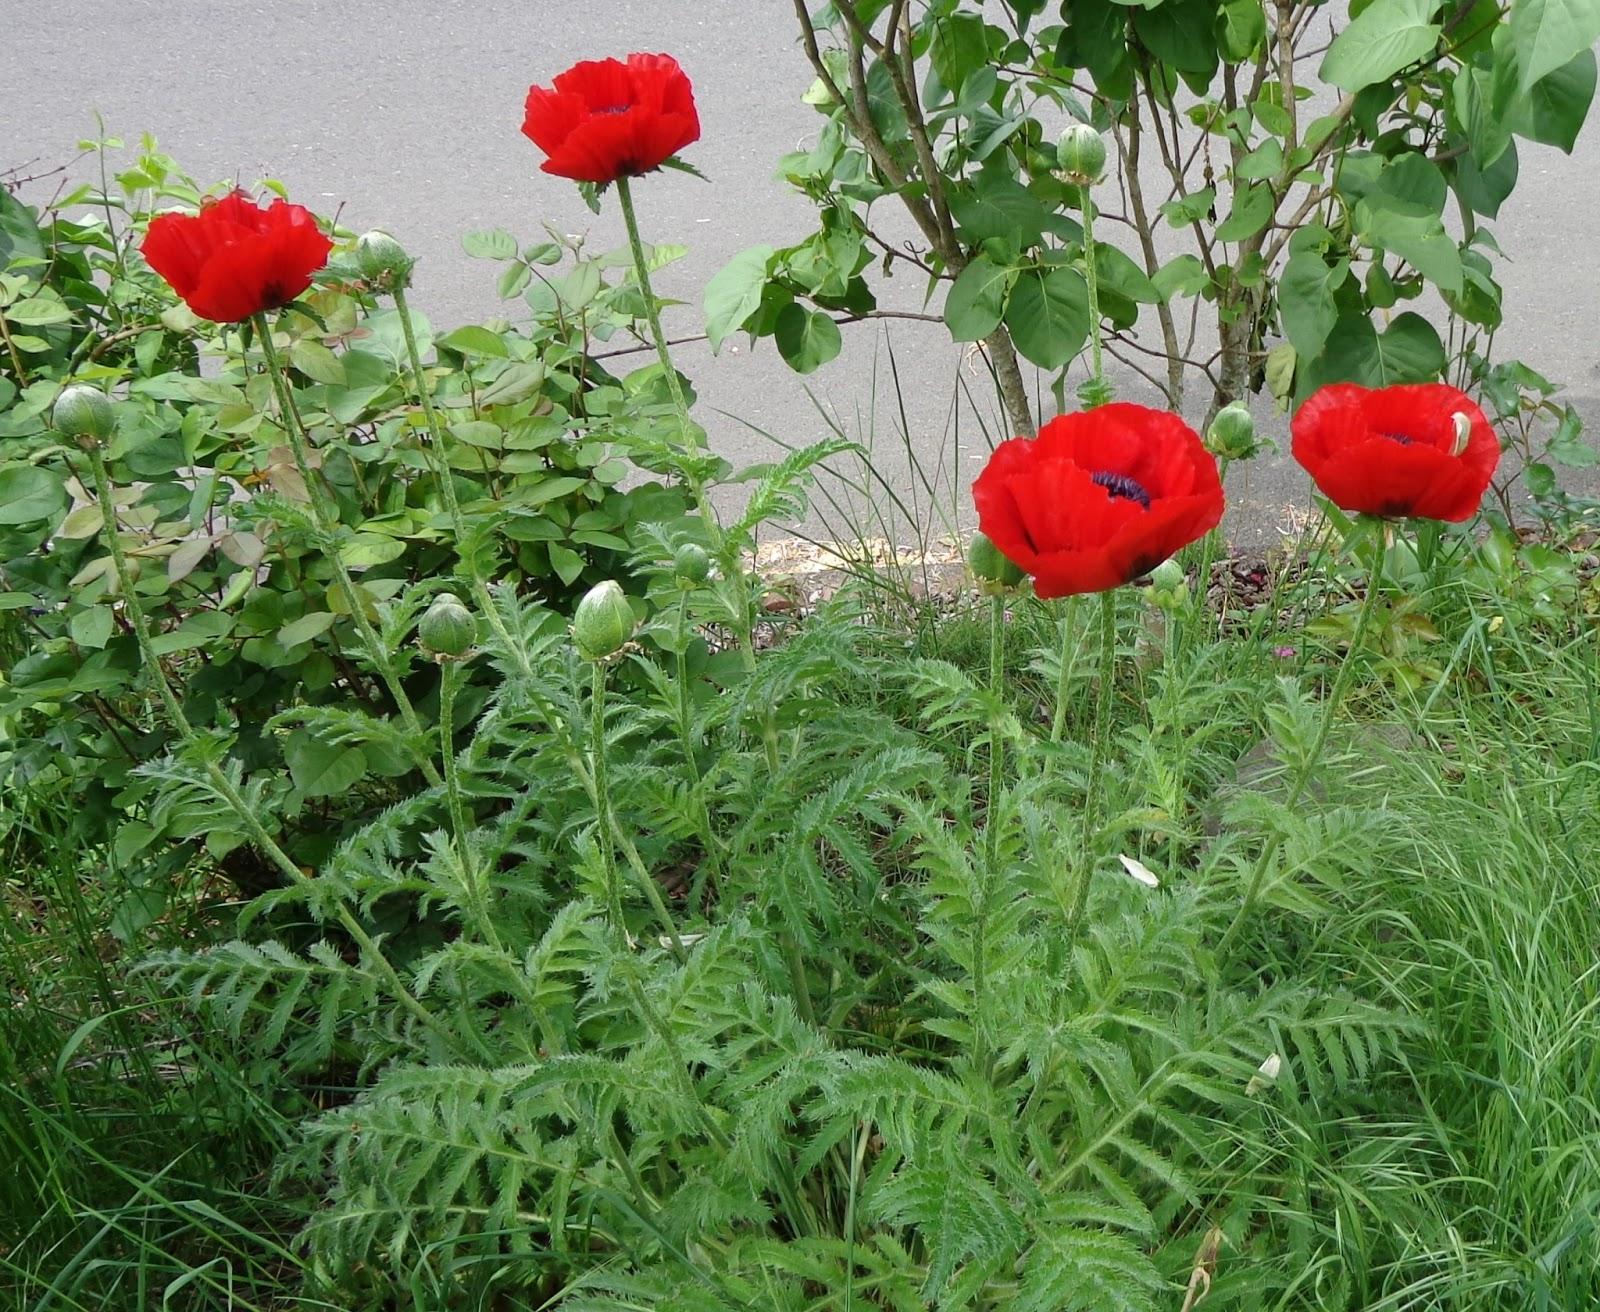 Asian opium poppy